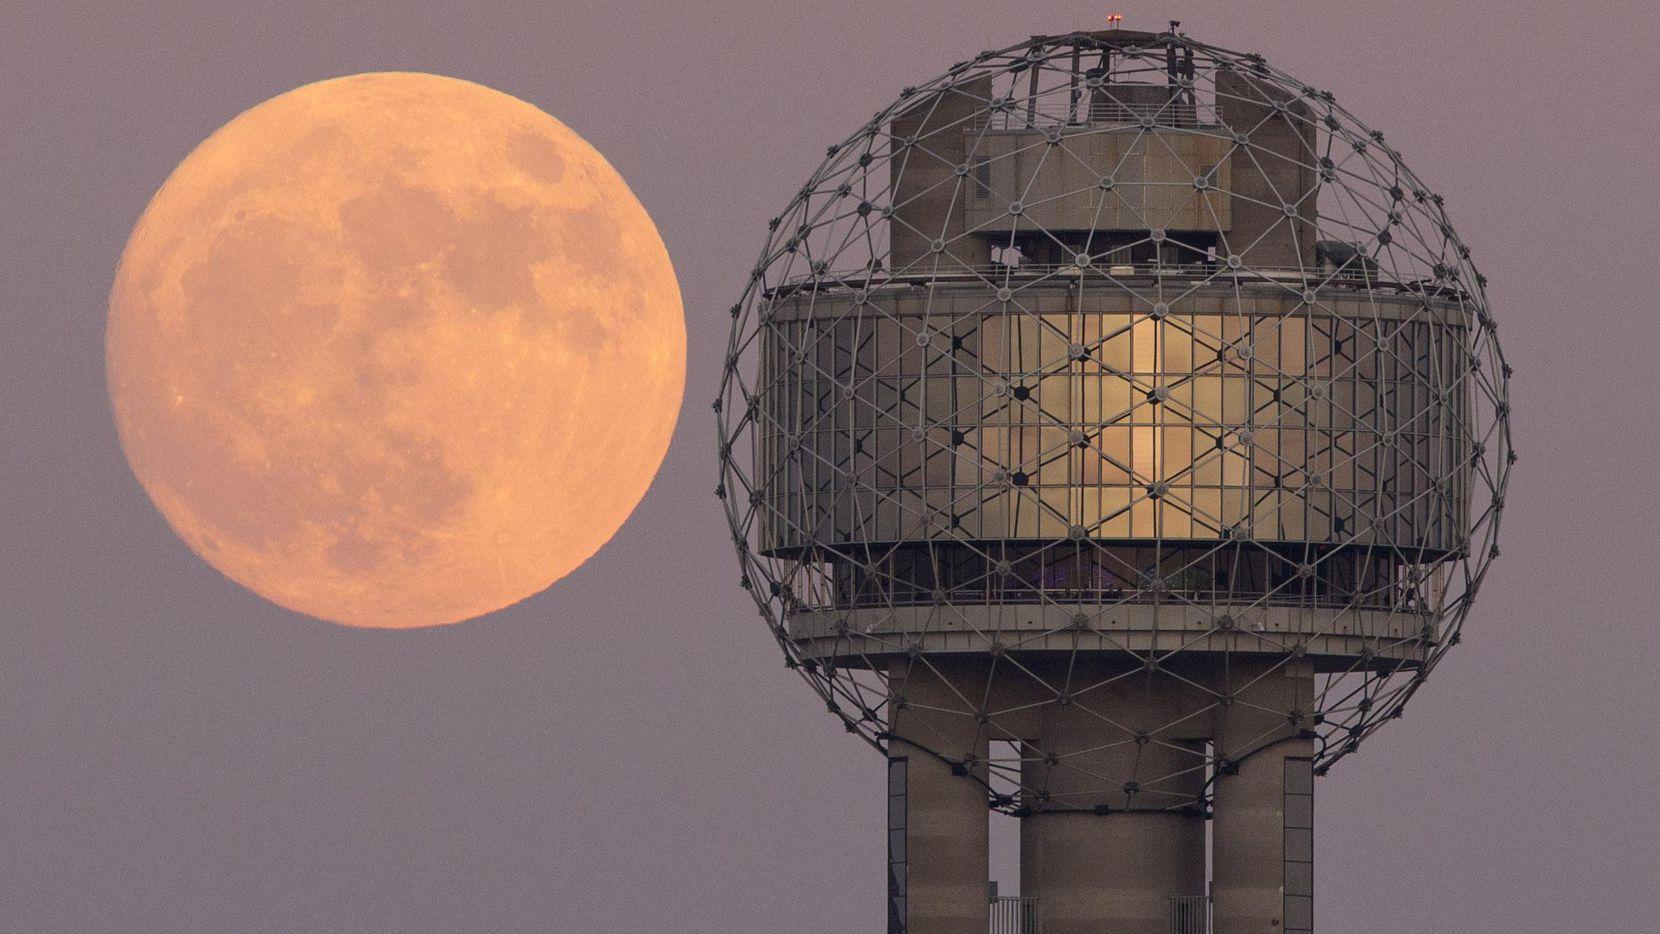 Imagen de la luna llena tomada en noviembre del 2016 en el centro de Dallas. (DMN/TOM FOX)